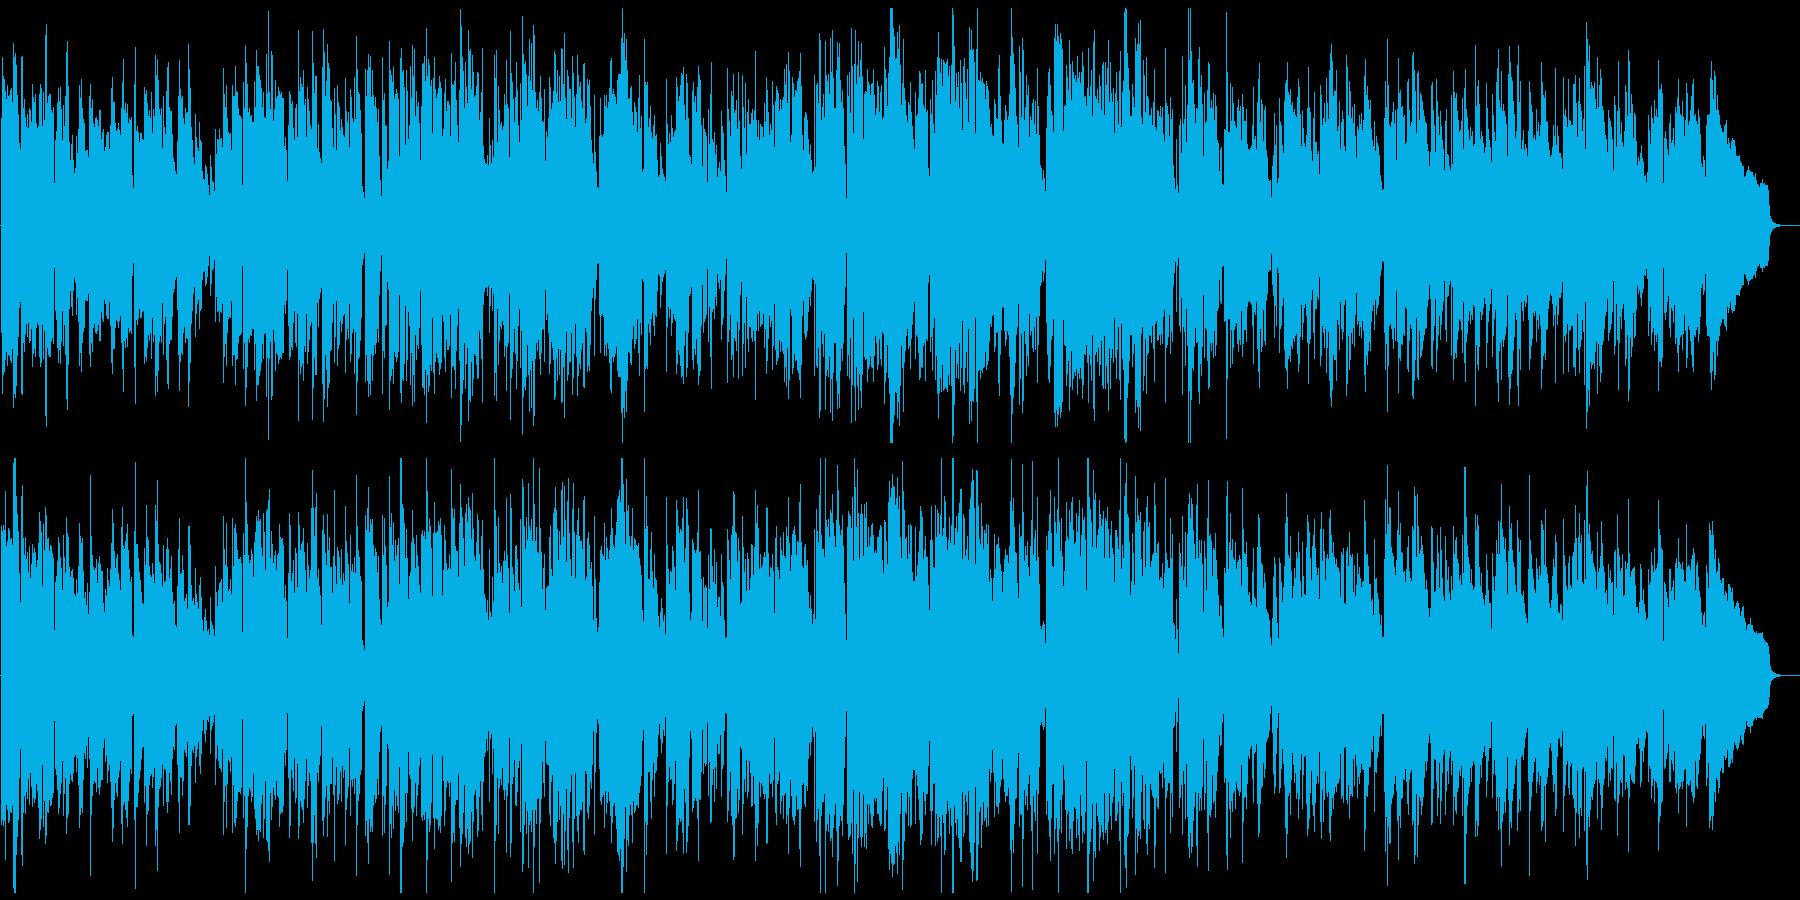 気持ちの良いテンポのジャズサックス生演奏の再生済みの波形